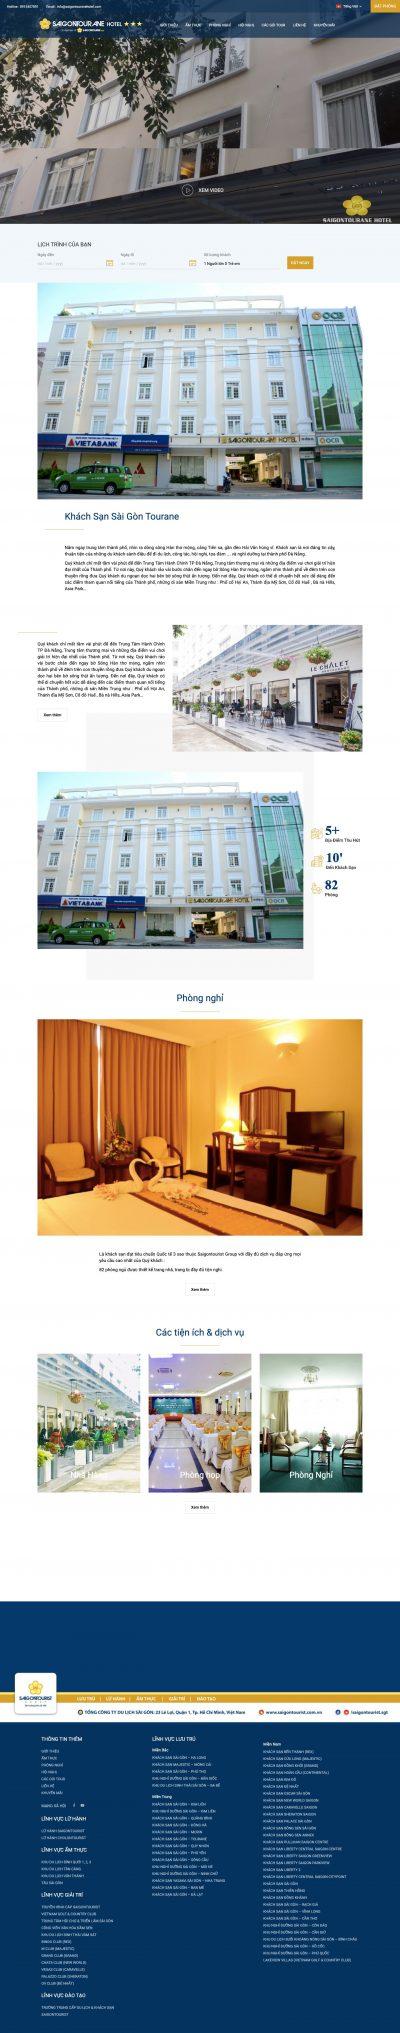 Khách sạn Sài Gòn – Tourane